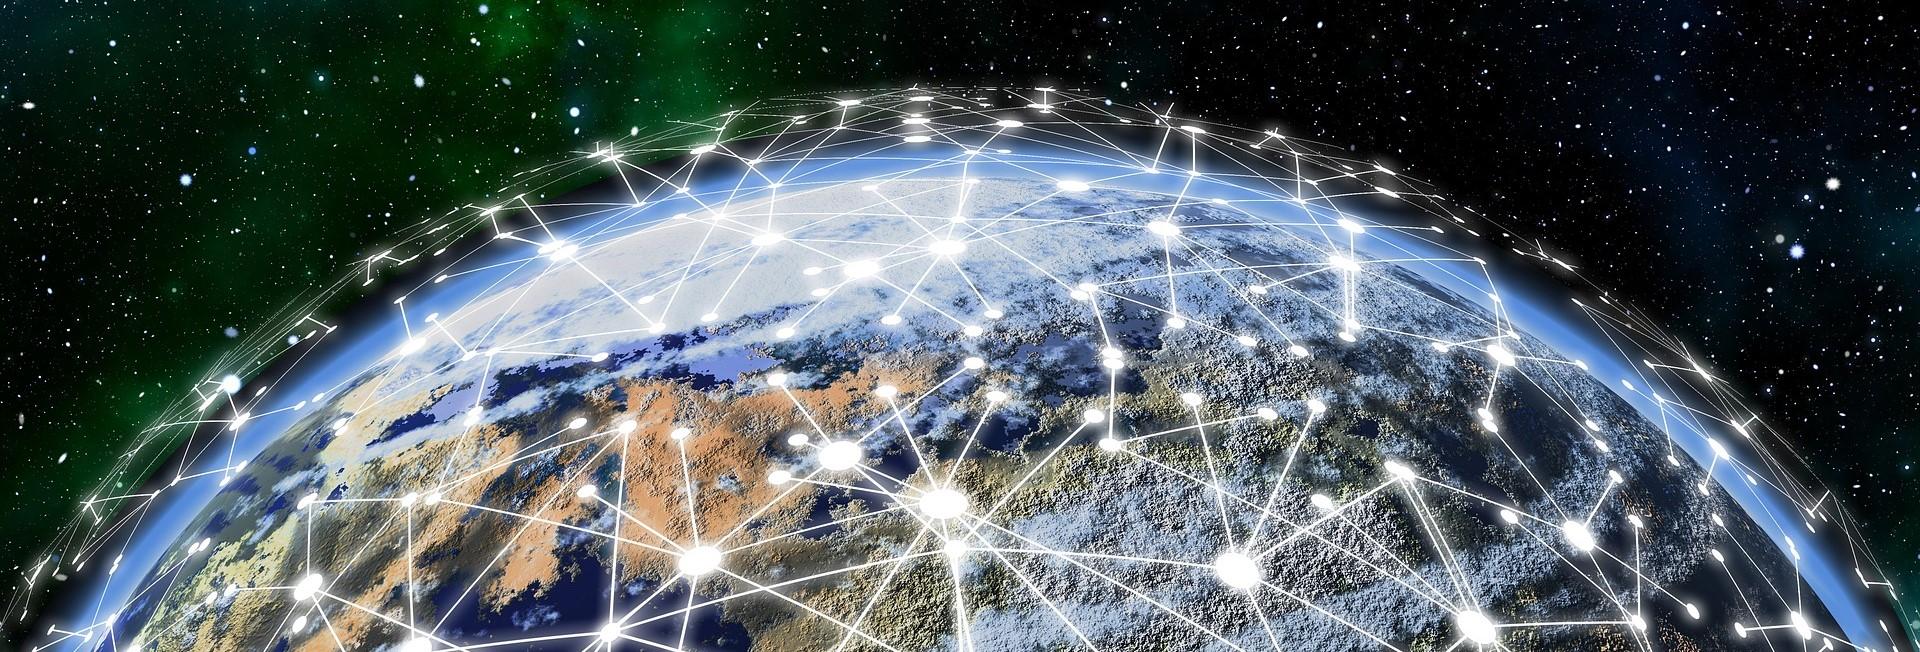 Symbolbild digitalisierte Welt: Globus mit vernetzten Linien